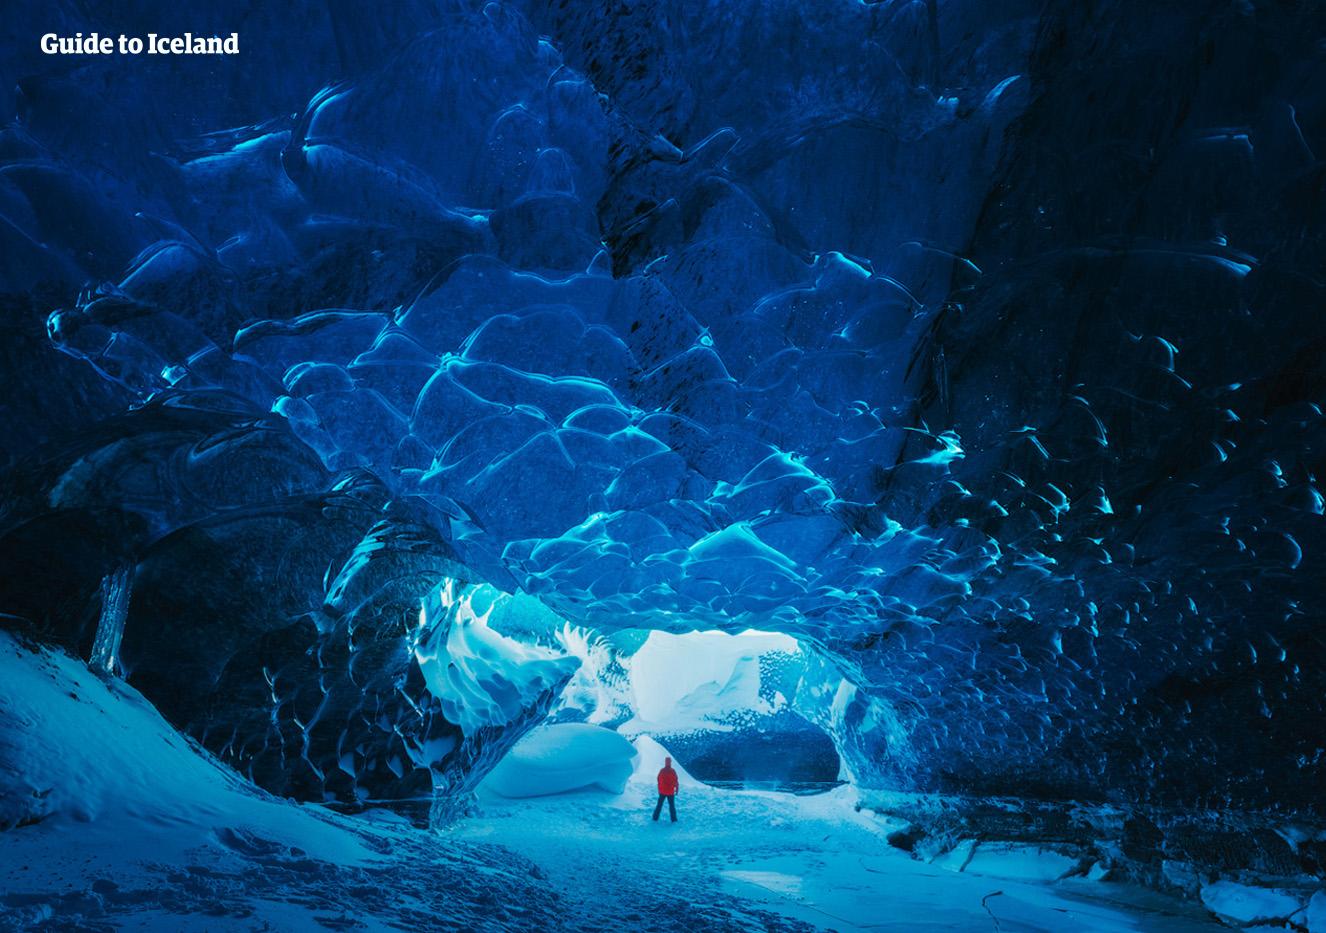 De oogverblindend fraaie blauwe binnenkant van de ijsgrotten van IJsland.